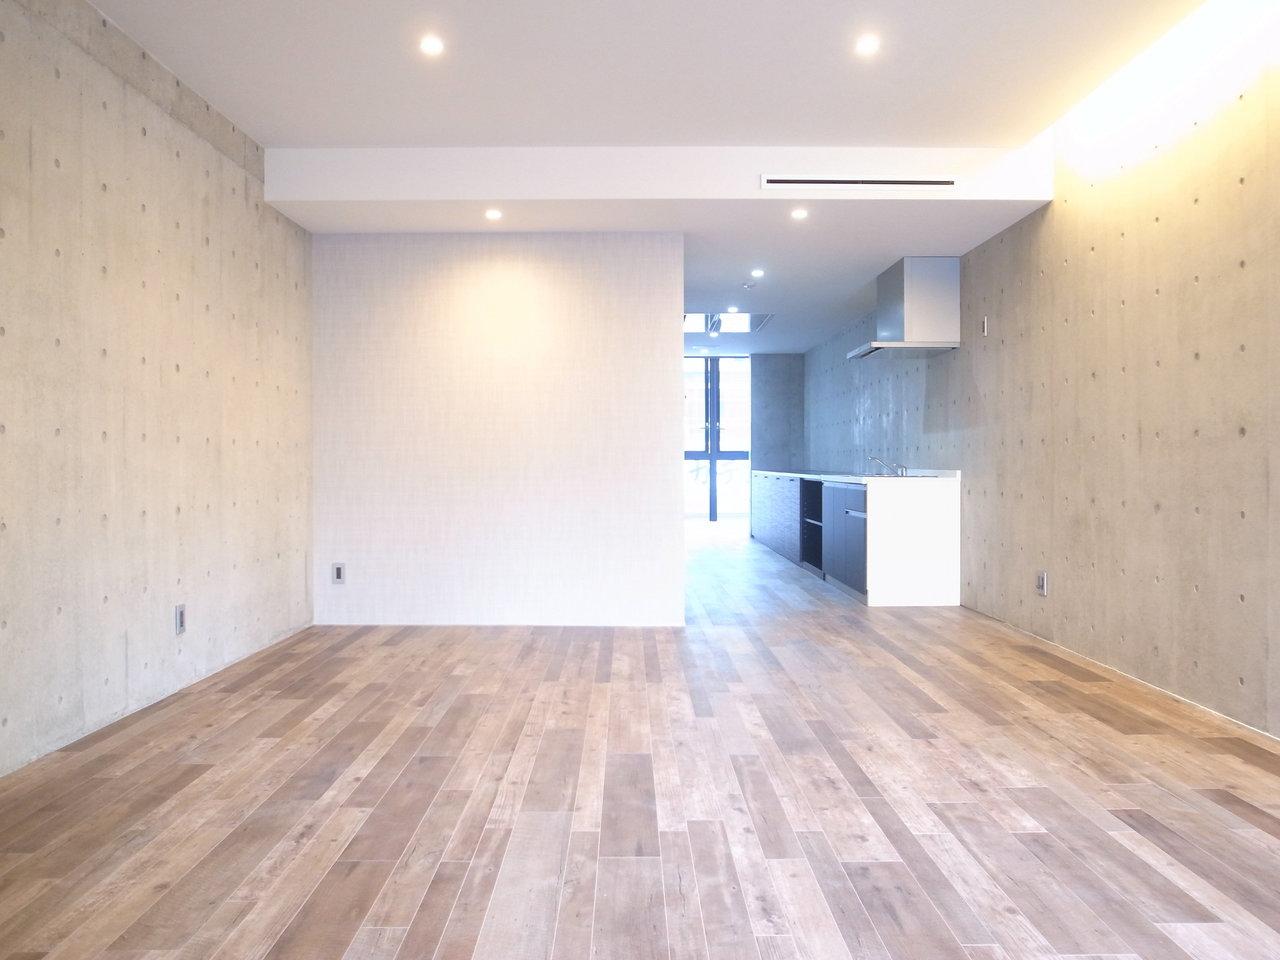 最後にご紹介するお部屋は、難波駅から徒歩4分。60㎡を超えるスペースをワンルームで使用する、大胆な間取りのお部屋です。